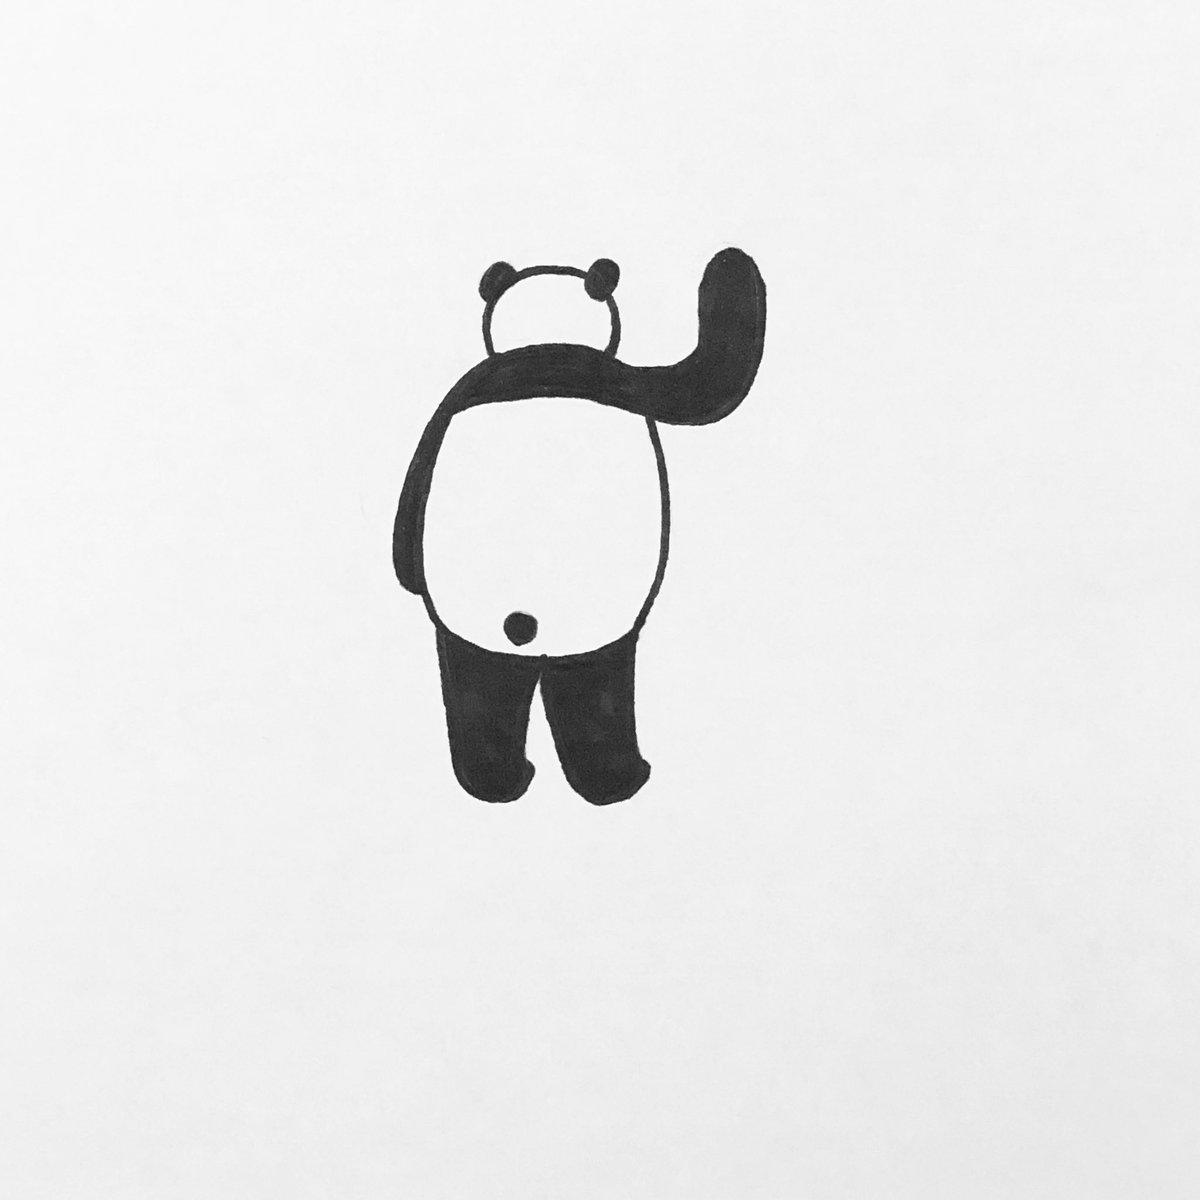 ほのぼのタクシー  #タクシー #タクシードライバー #taxi #taxidriver #ロバートデニーロ #robertdeniro #映画 #movie #猫 #cat #panda #パンダ #熊猫 #illustration #illustrator #illust #art #graffiti #マッキー #mackie #zebra https://t.co/nExnmDEdx3